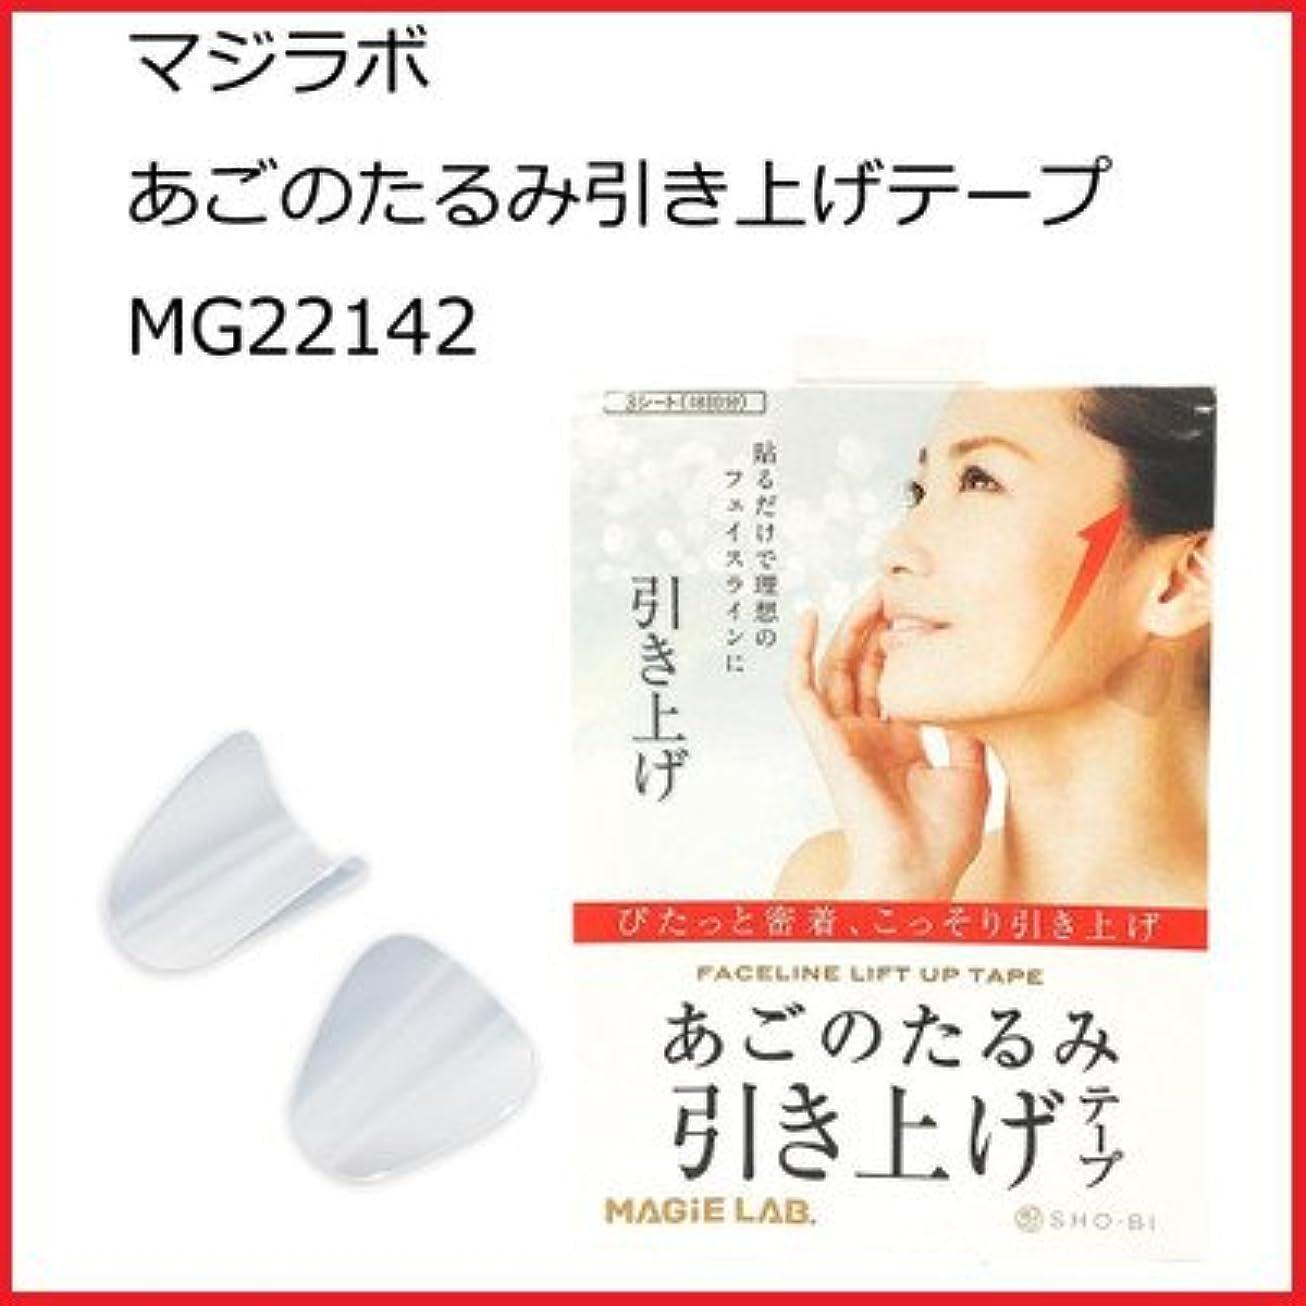 モールス信号句変えるマジラボ あごのたるみ引き上げテープ MG22142